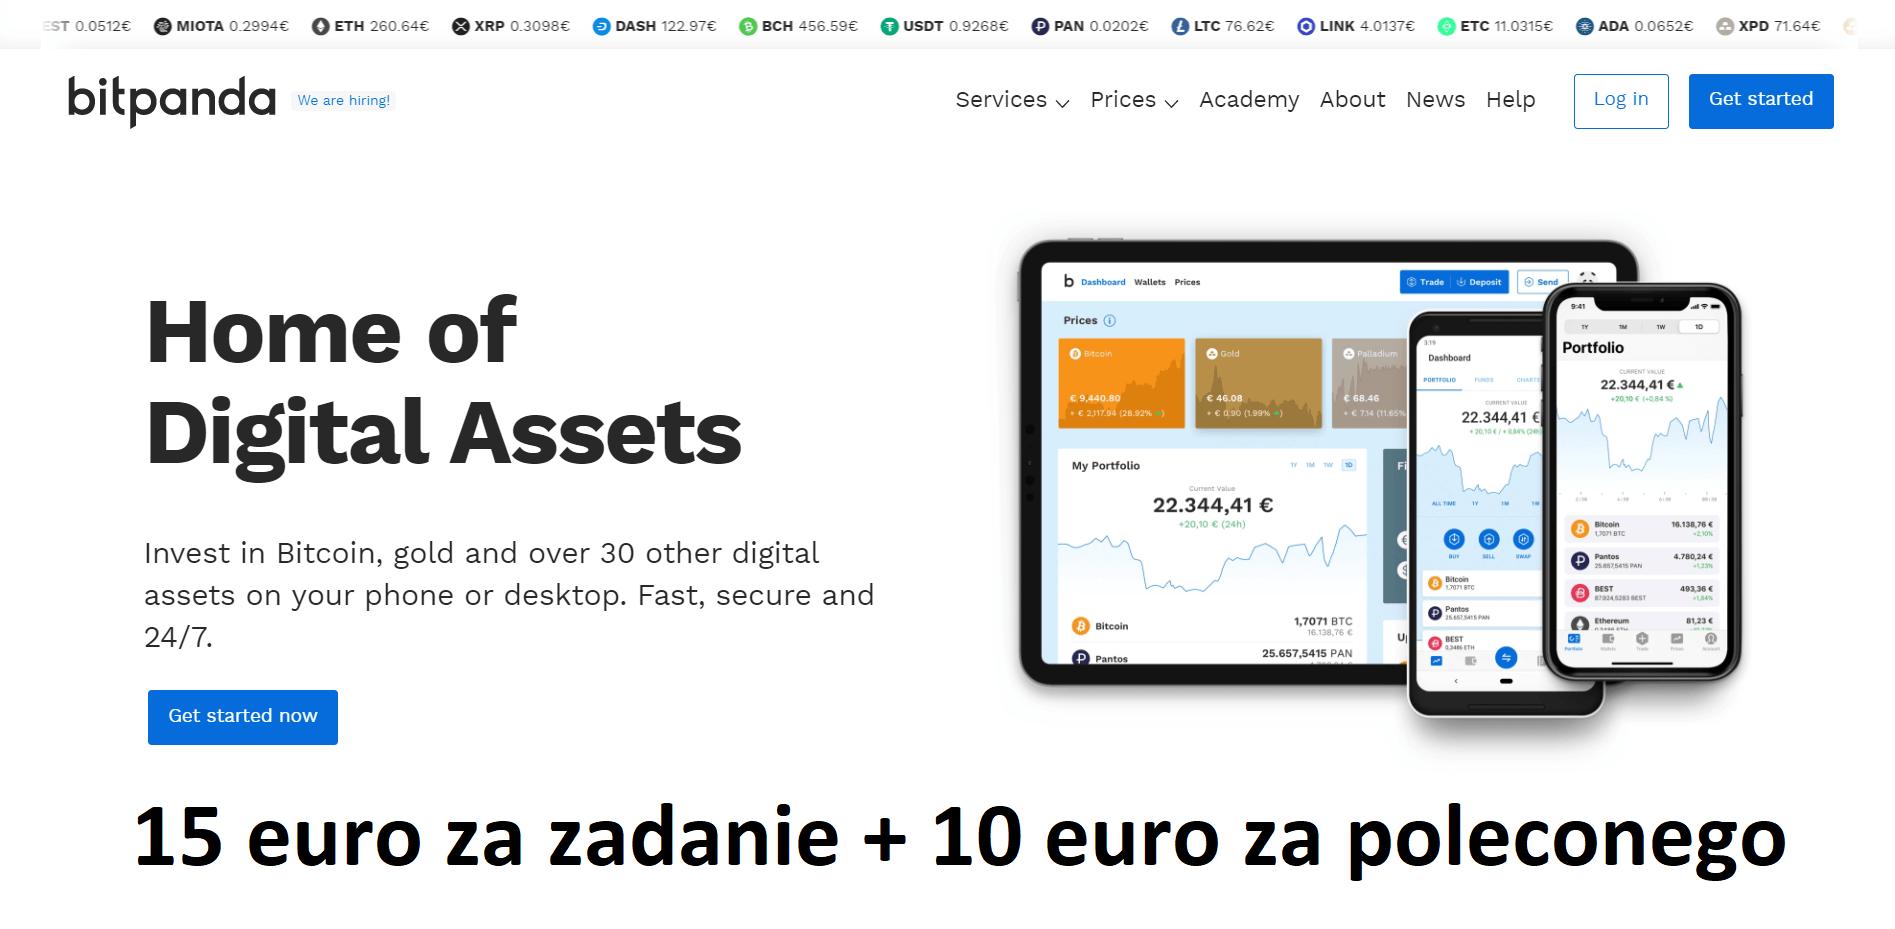 bitpanda zdjecie glowne 15 euro